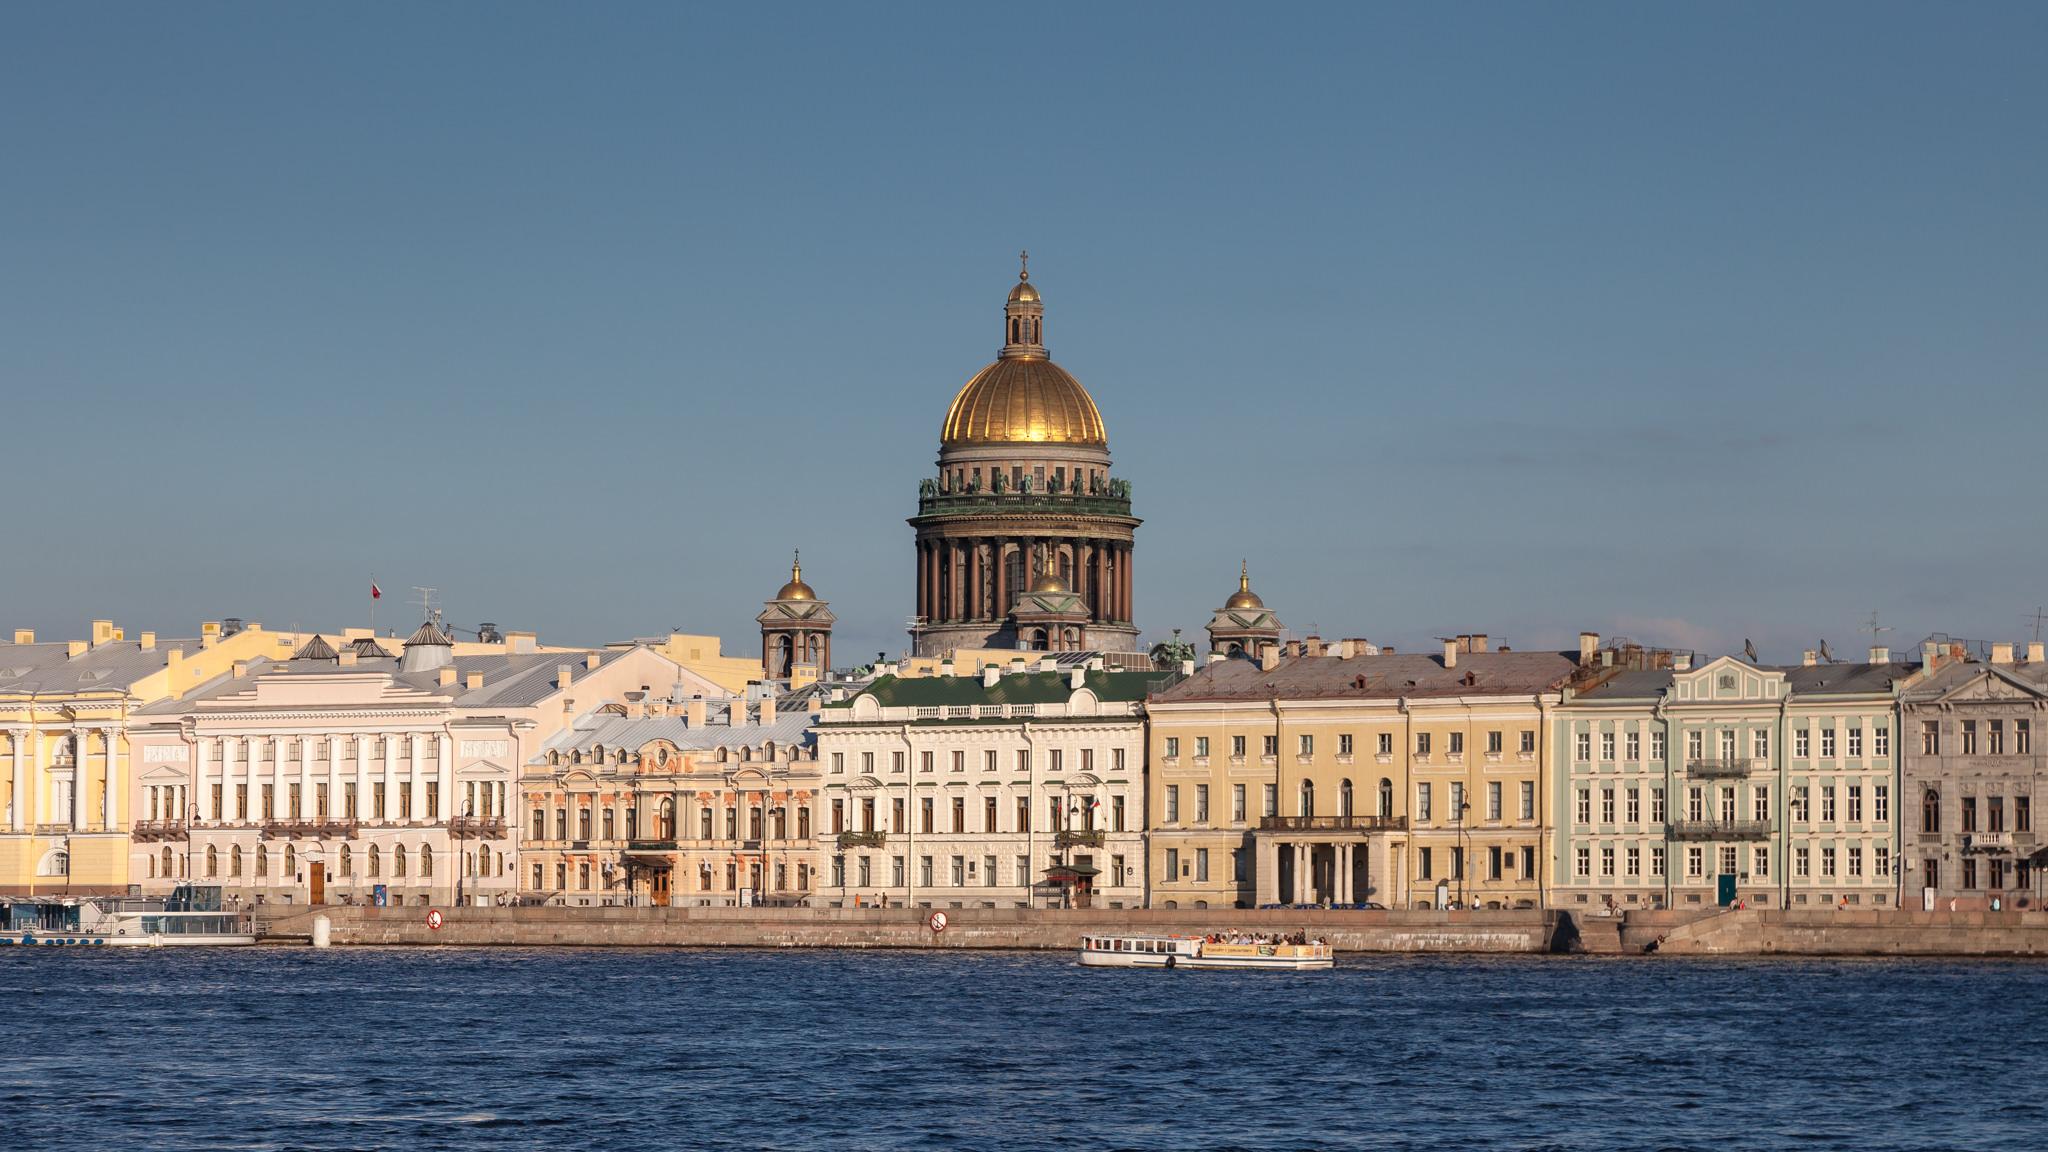 Санкт_Петербург_вид_на_Собор_святого_Исаака